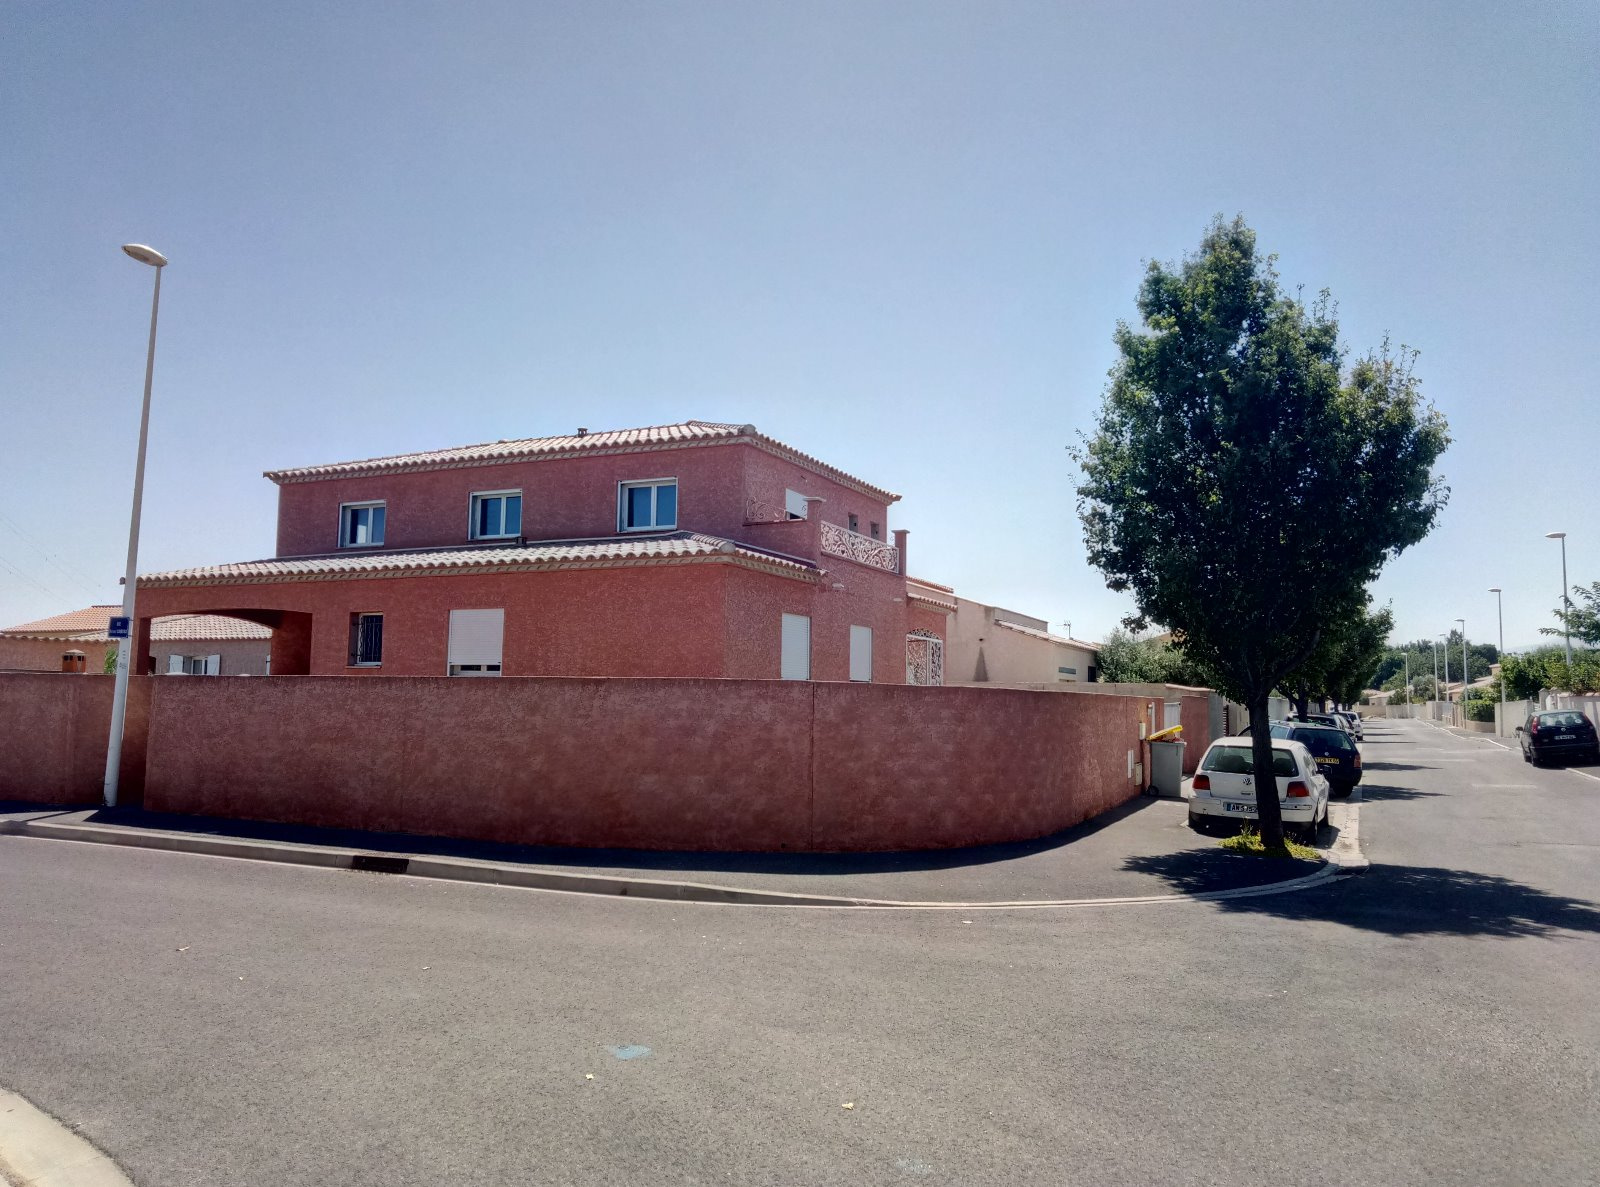 Annonce vente maison perpignan 66000 190 m 300 000 992738633354 - Debarras maison perpignan ...